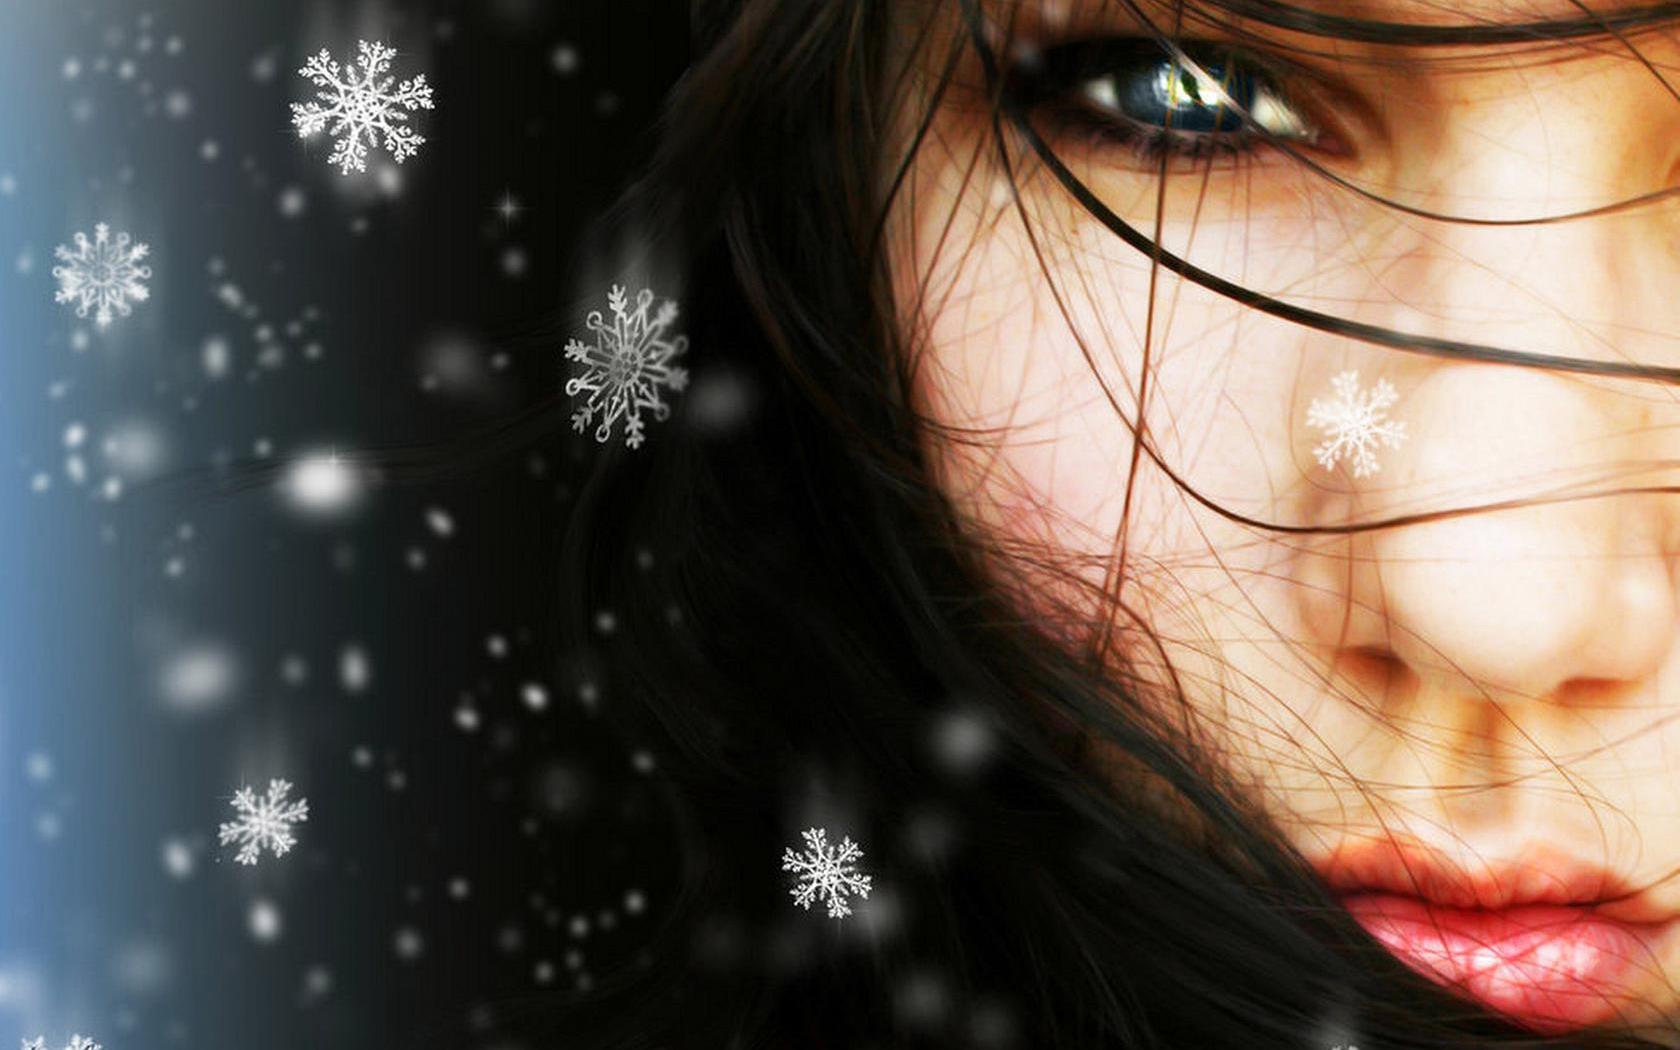 пользуется картинка на аватарку снежинки это утверждение относится